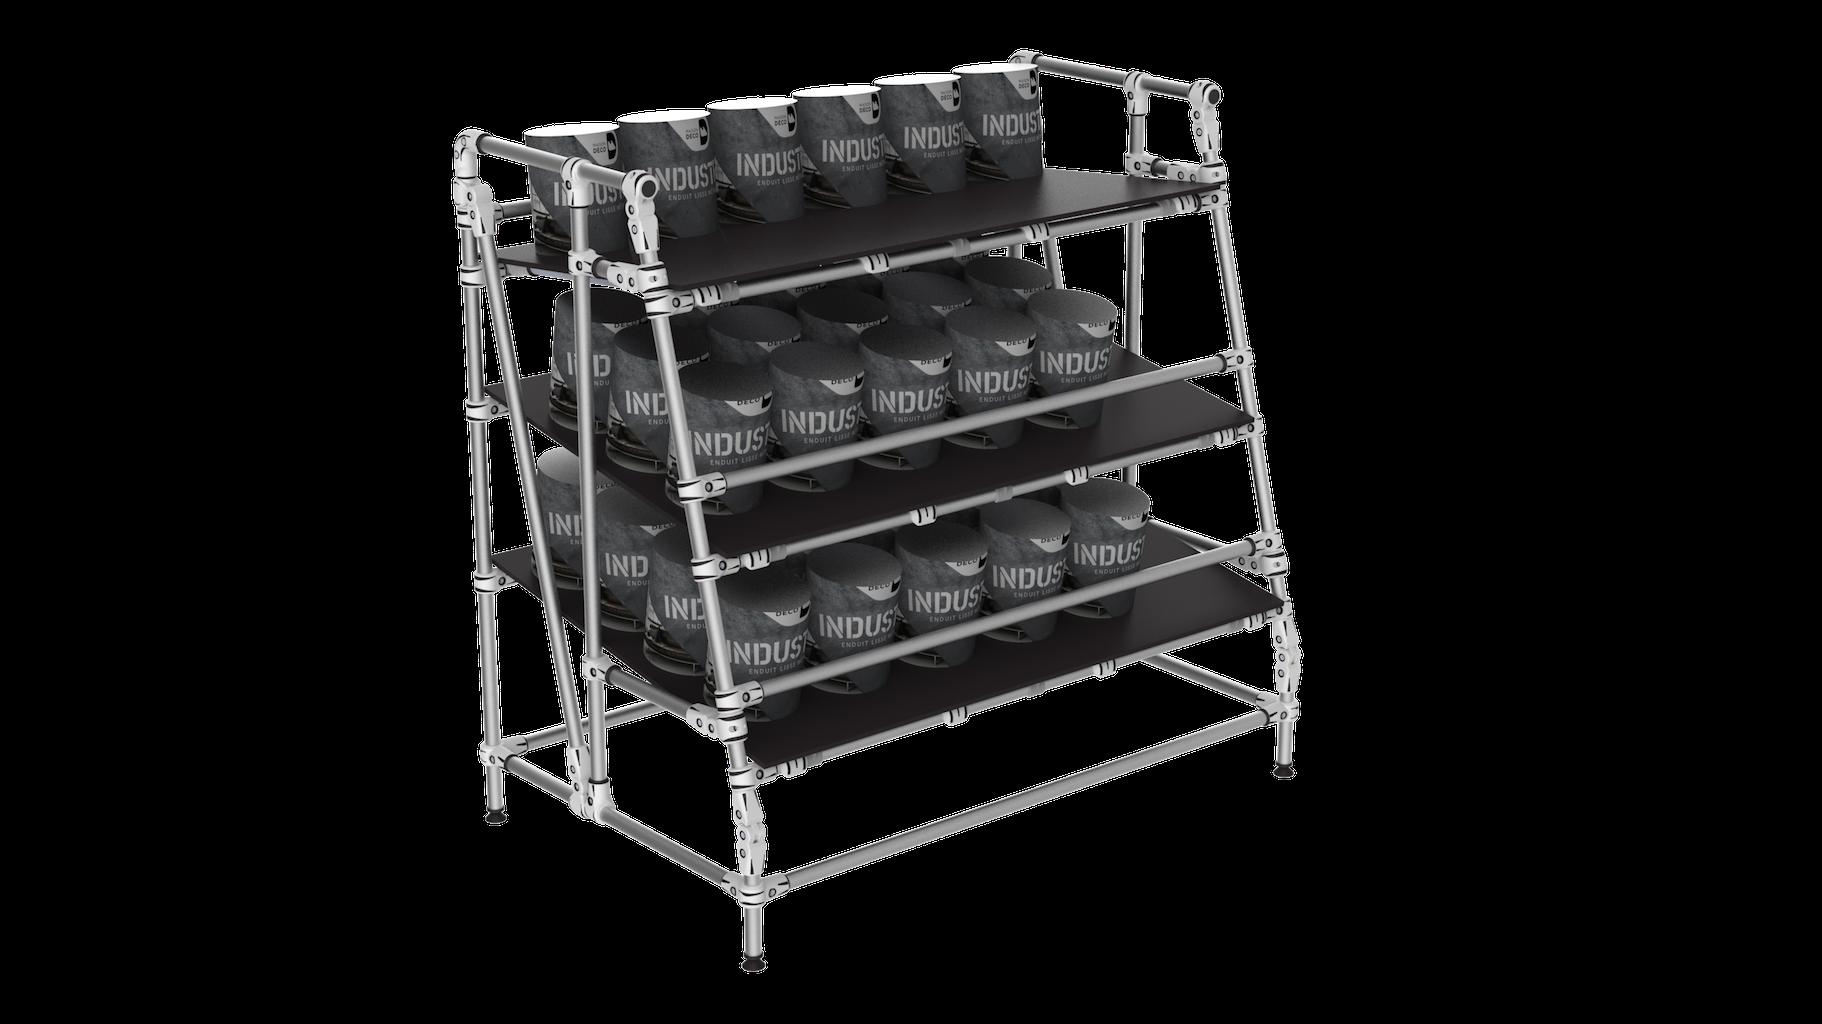 Order preparation picking shelf